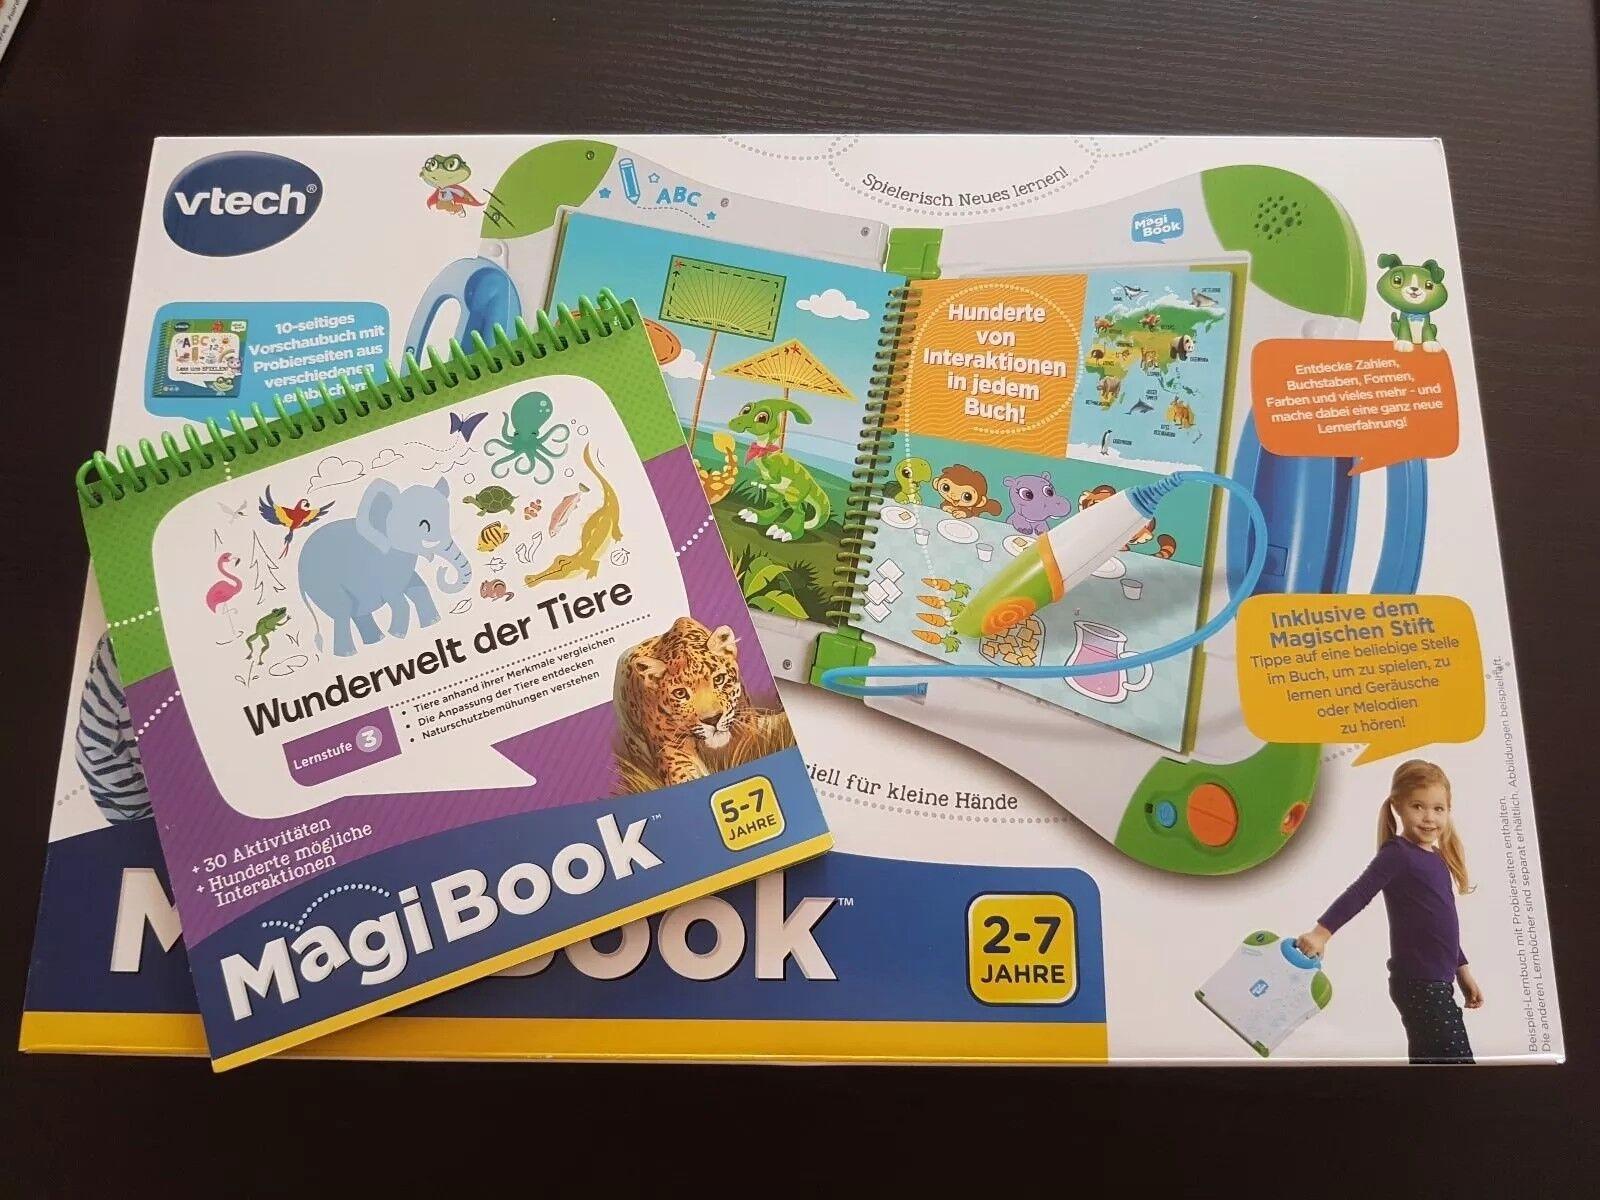 Vtech Magibook NEU Interaktives Lernbuch System Wunderwelt Tiere Lern-Spielzeug